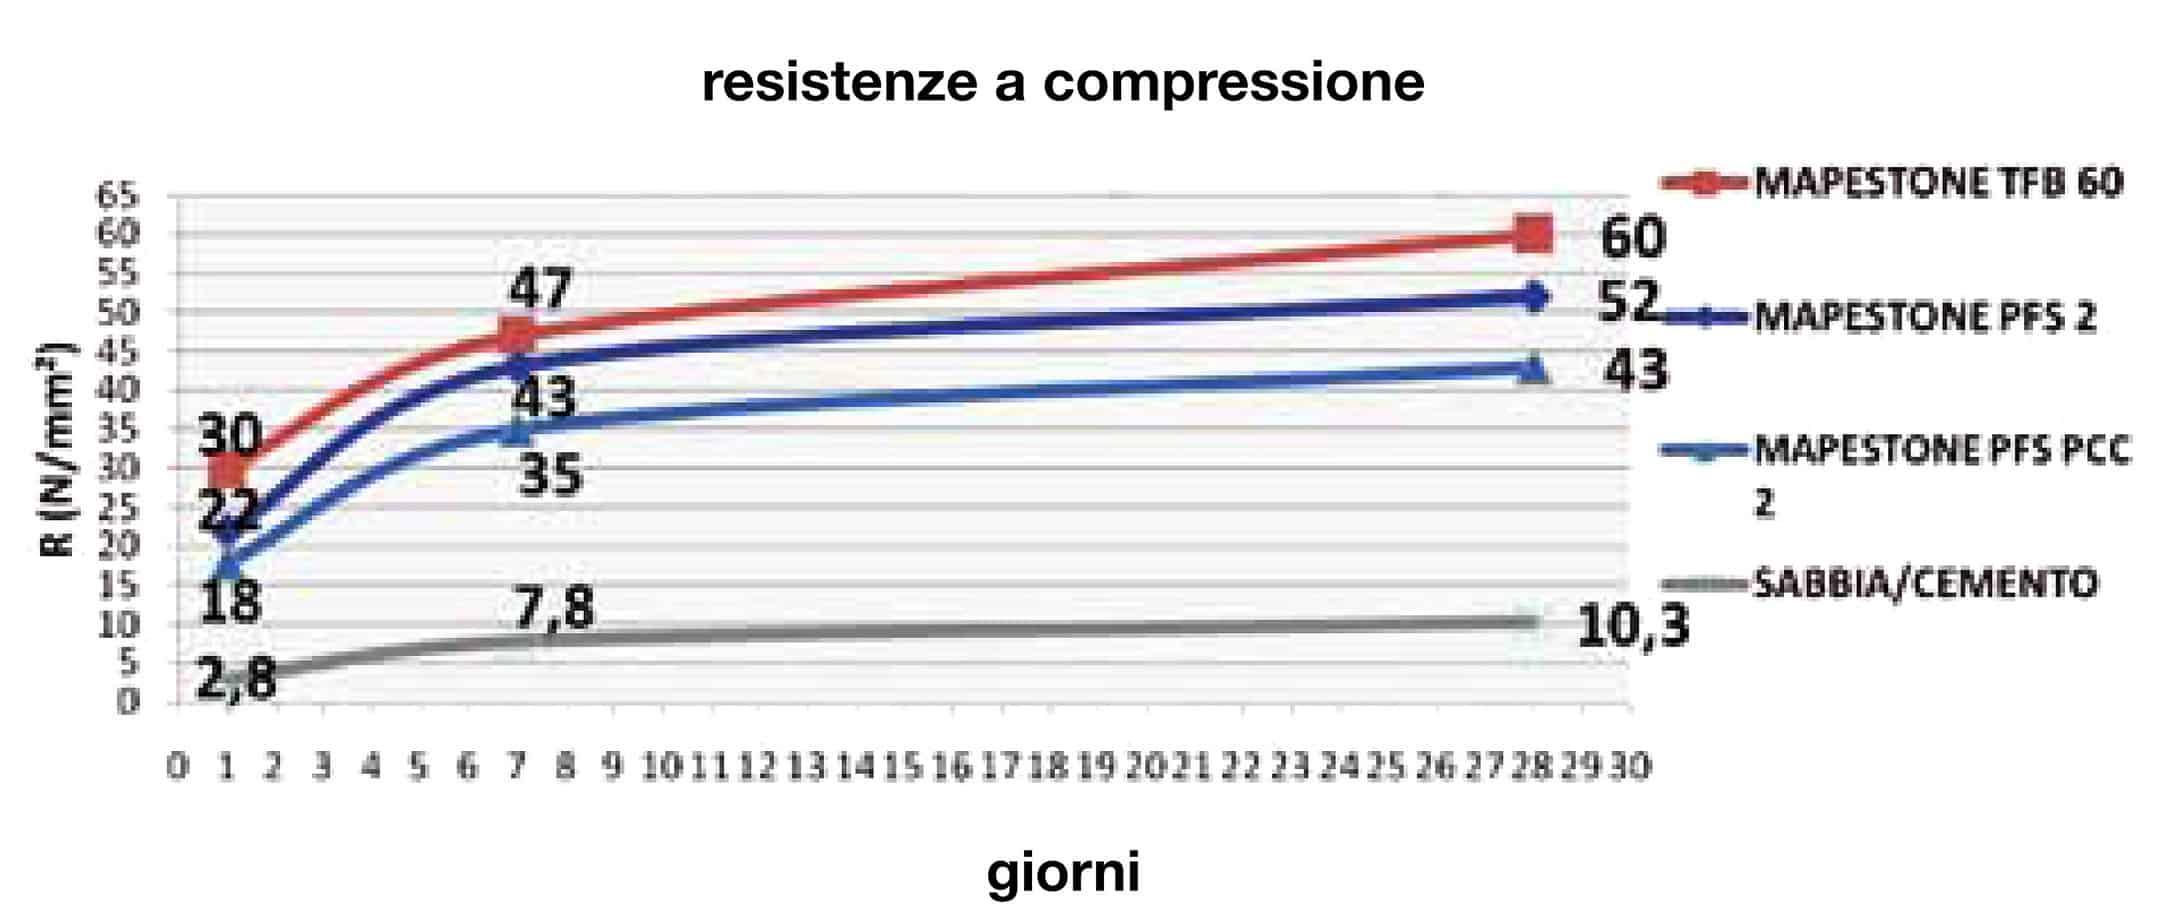 Osservando il grafico, in cui sono riportate le resistenze a compressione a 20 °C, si può notare come il sistema Mapestone abbia uno sviluppo delle resistenze meccaniche notevolmente più veloce e molto maggiore rispetto ad un sistema sabbiacemento tradizionalmente utilizzato